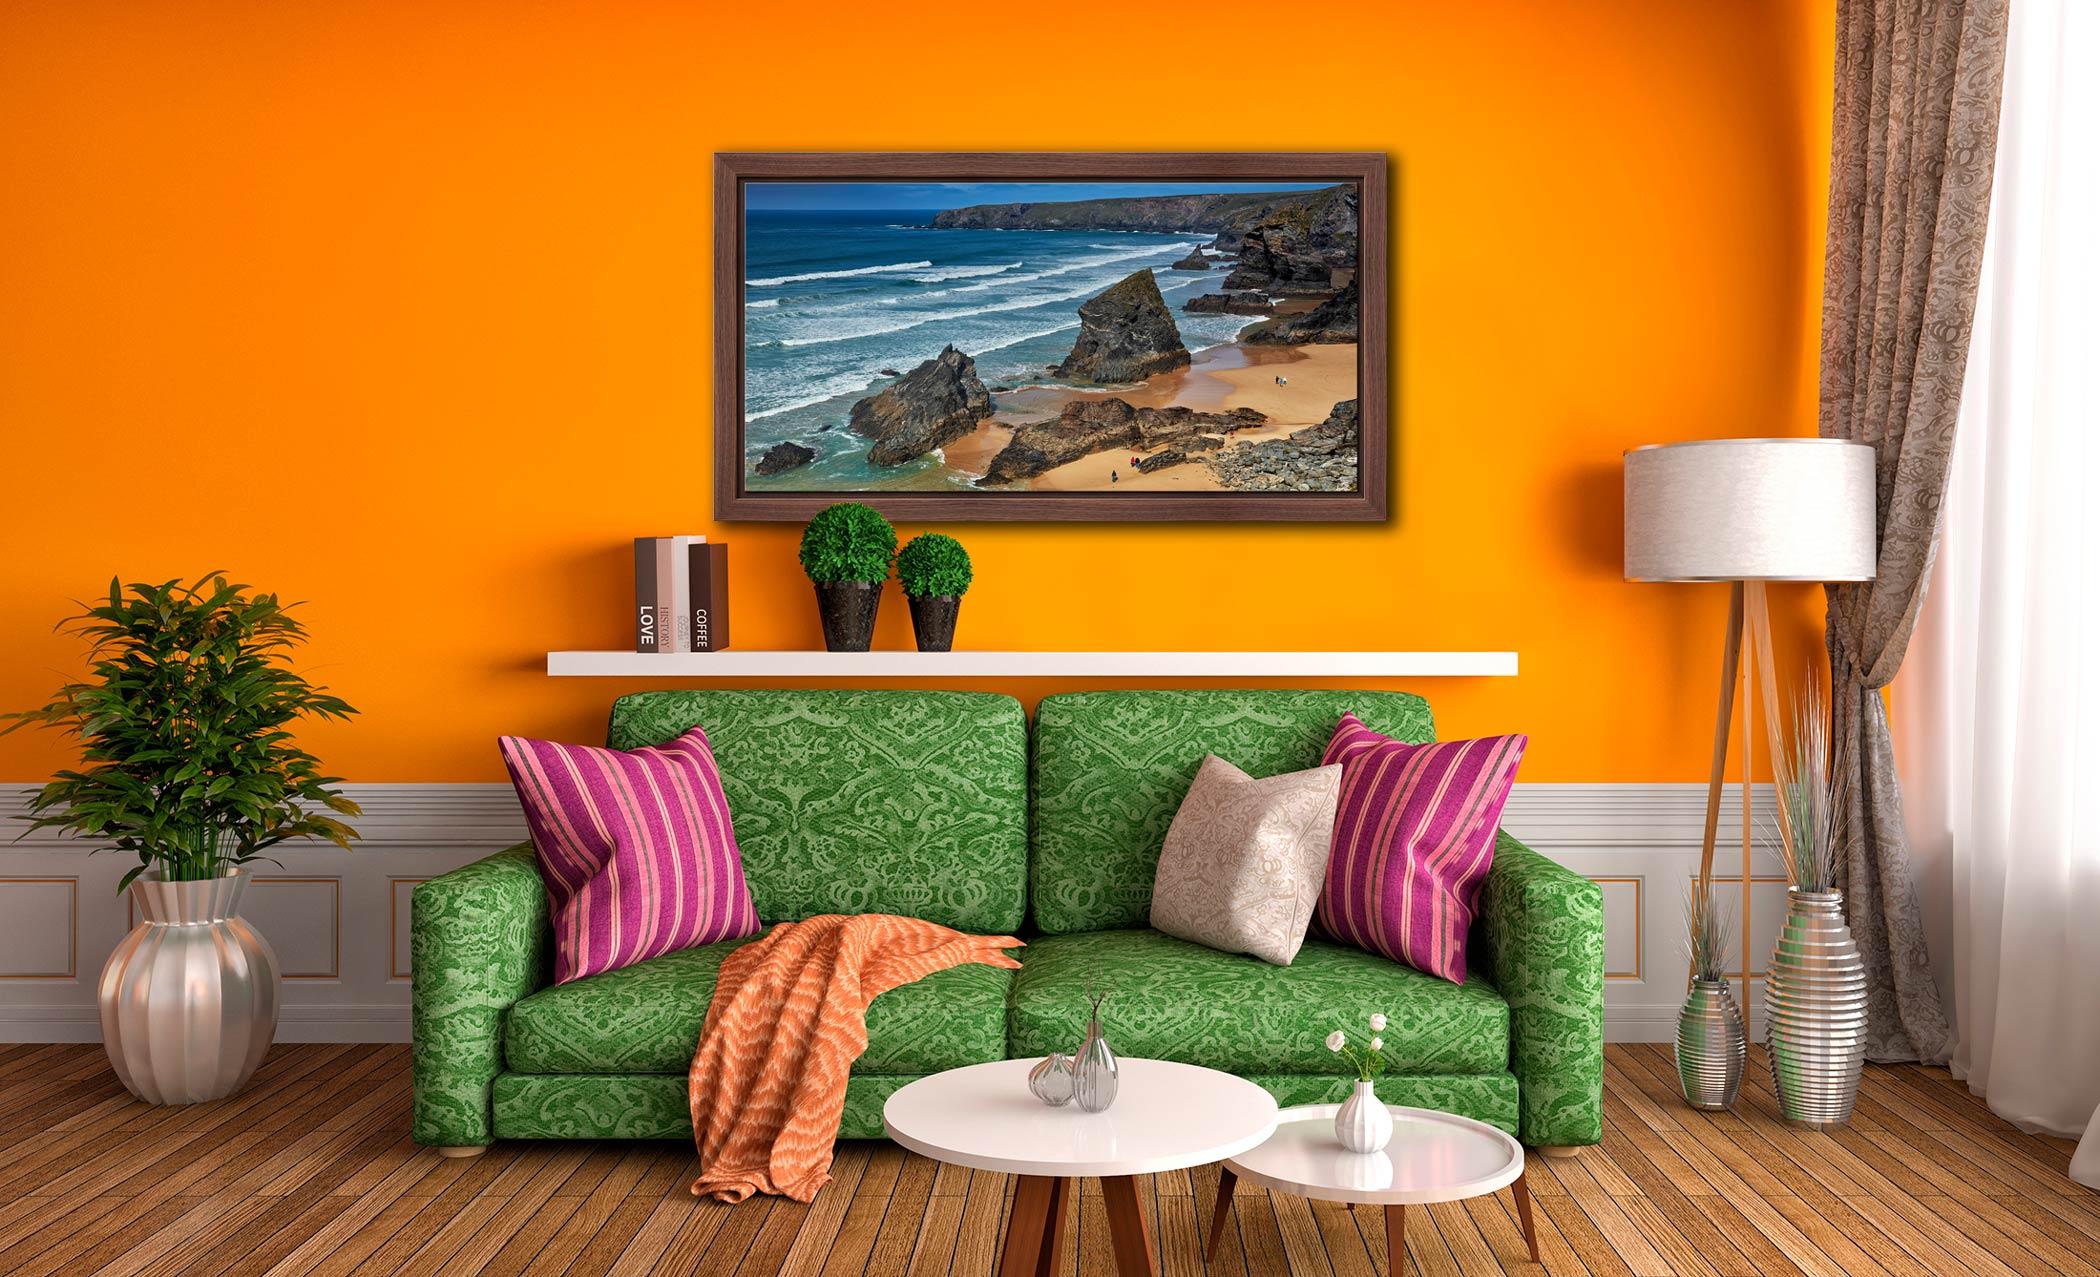 Bedruthan Steps Beach Rocks - Walnut floater frame with acrylic glazing on Wall